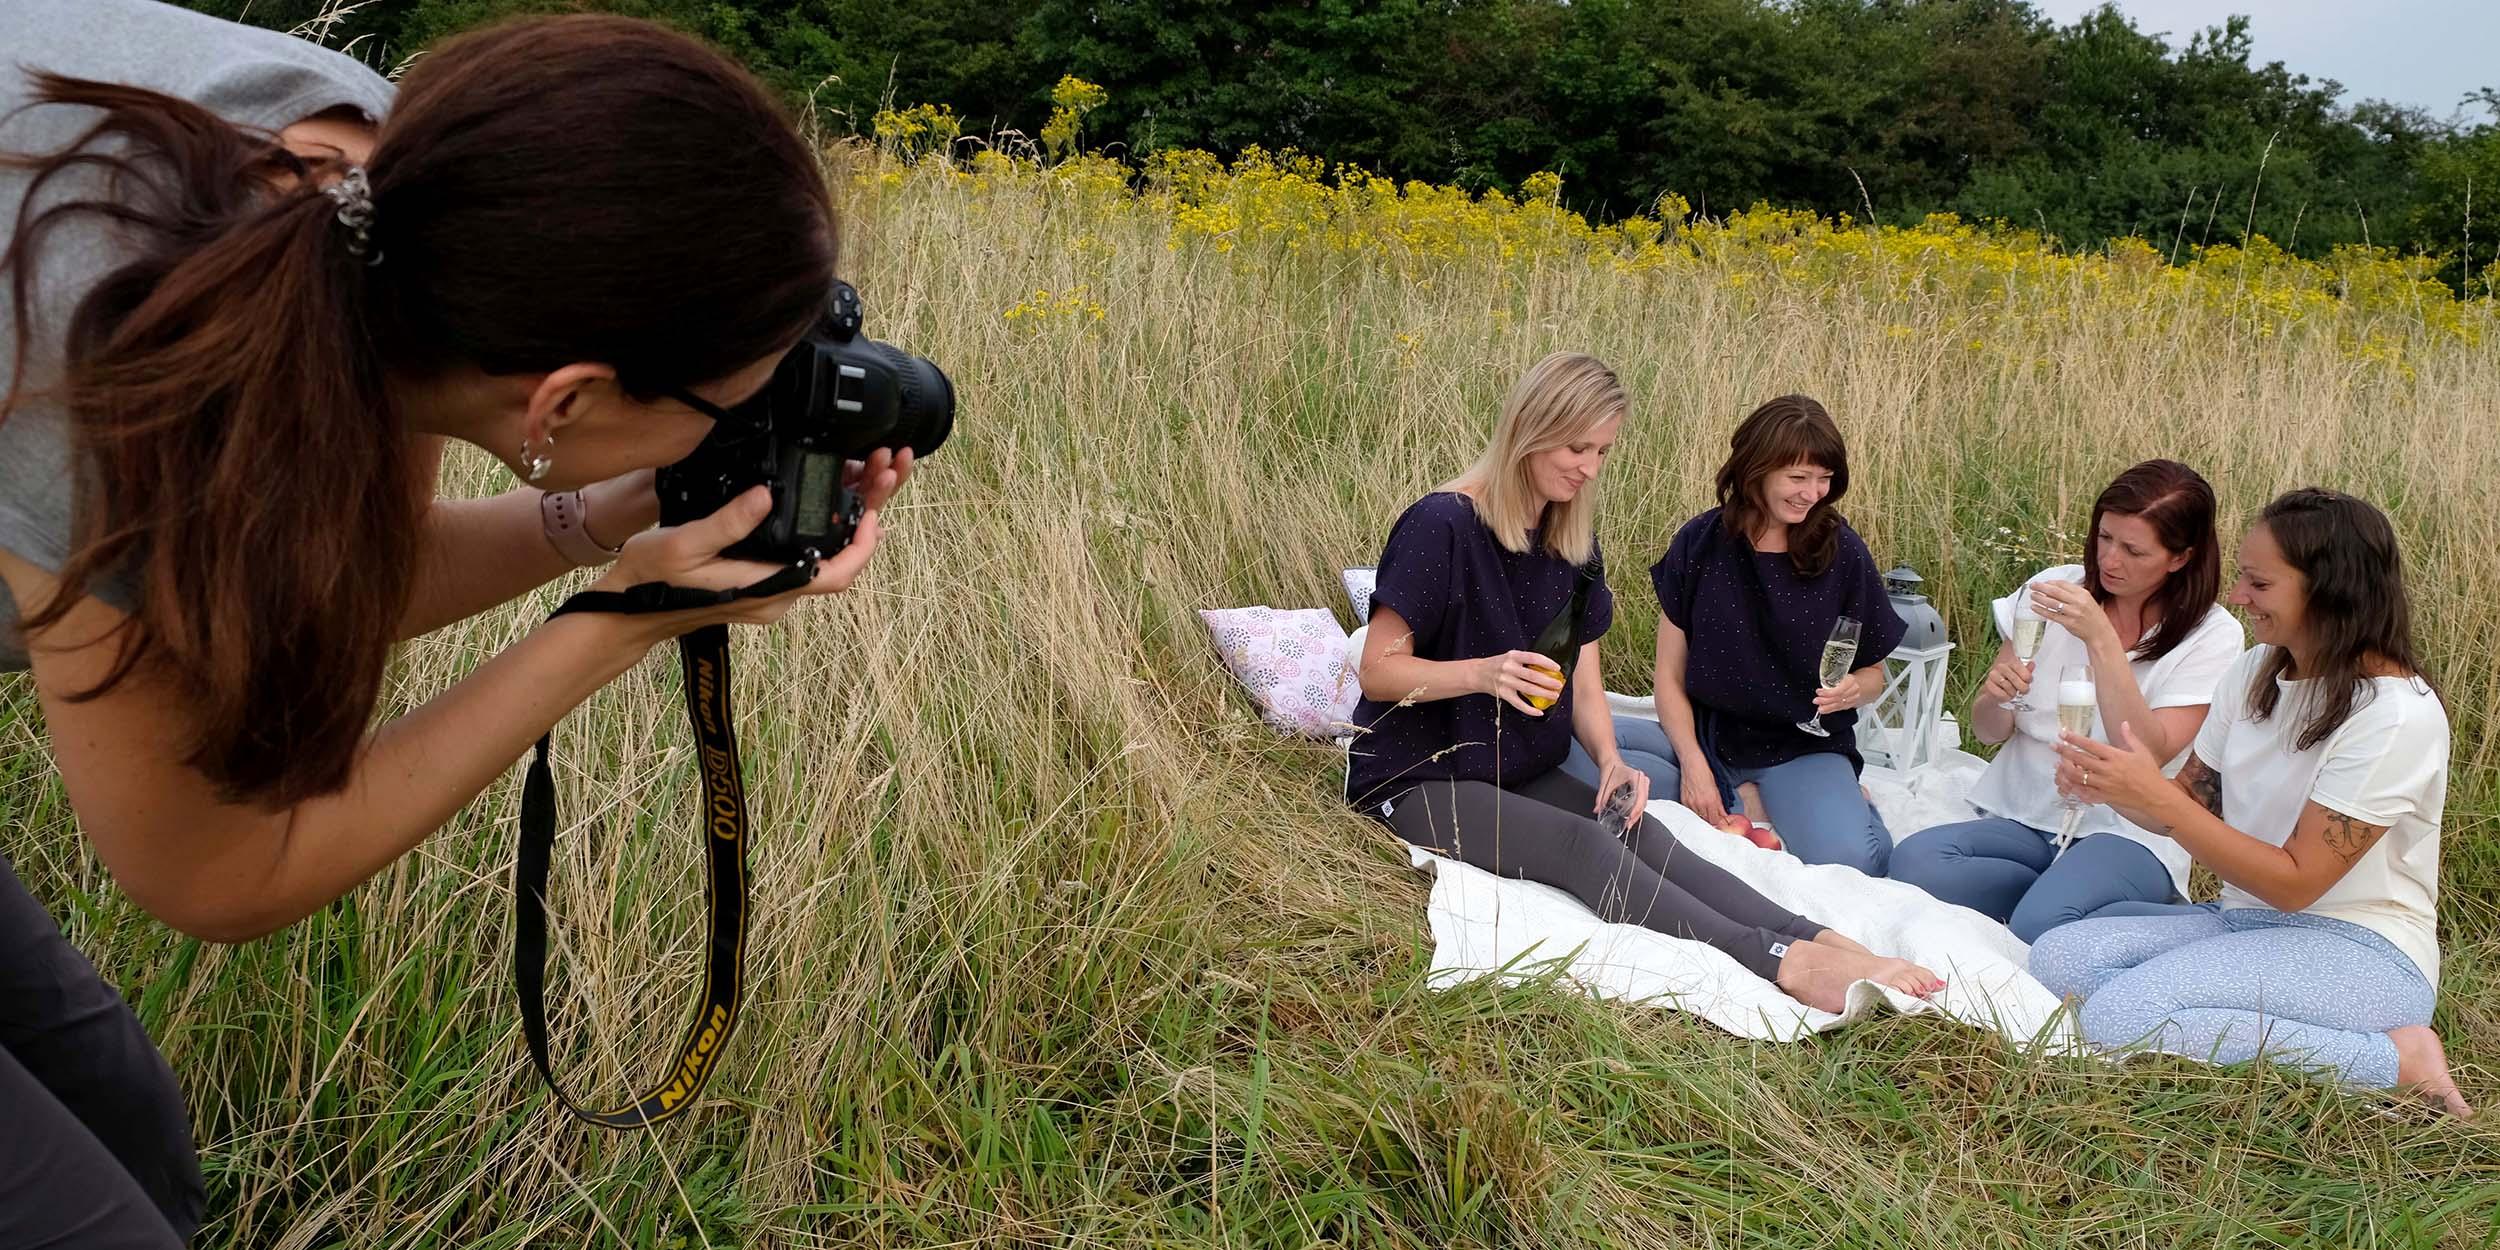 Jak jsme fotili v trávě